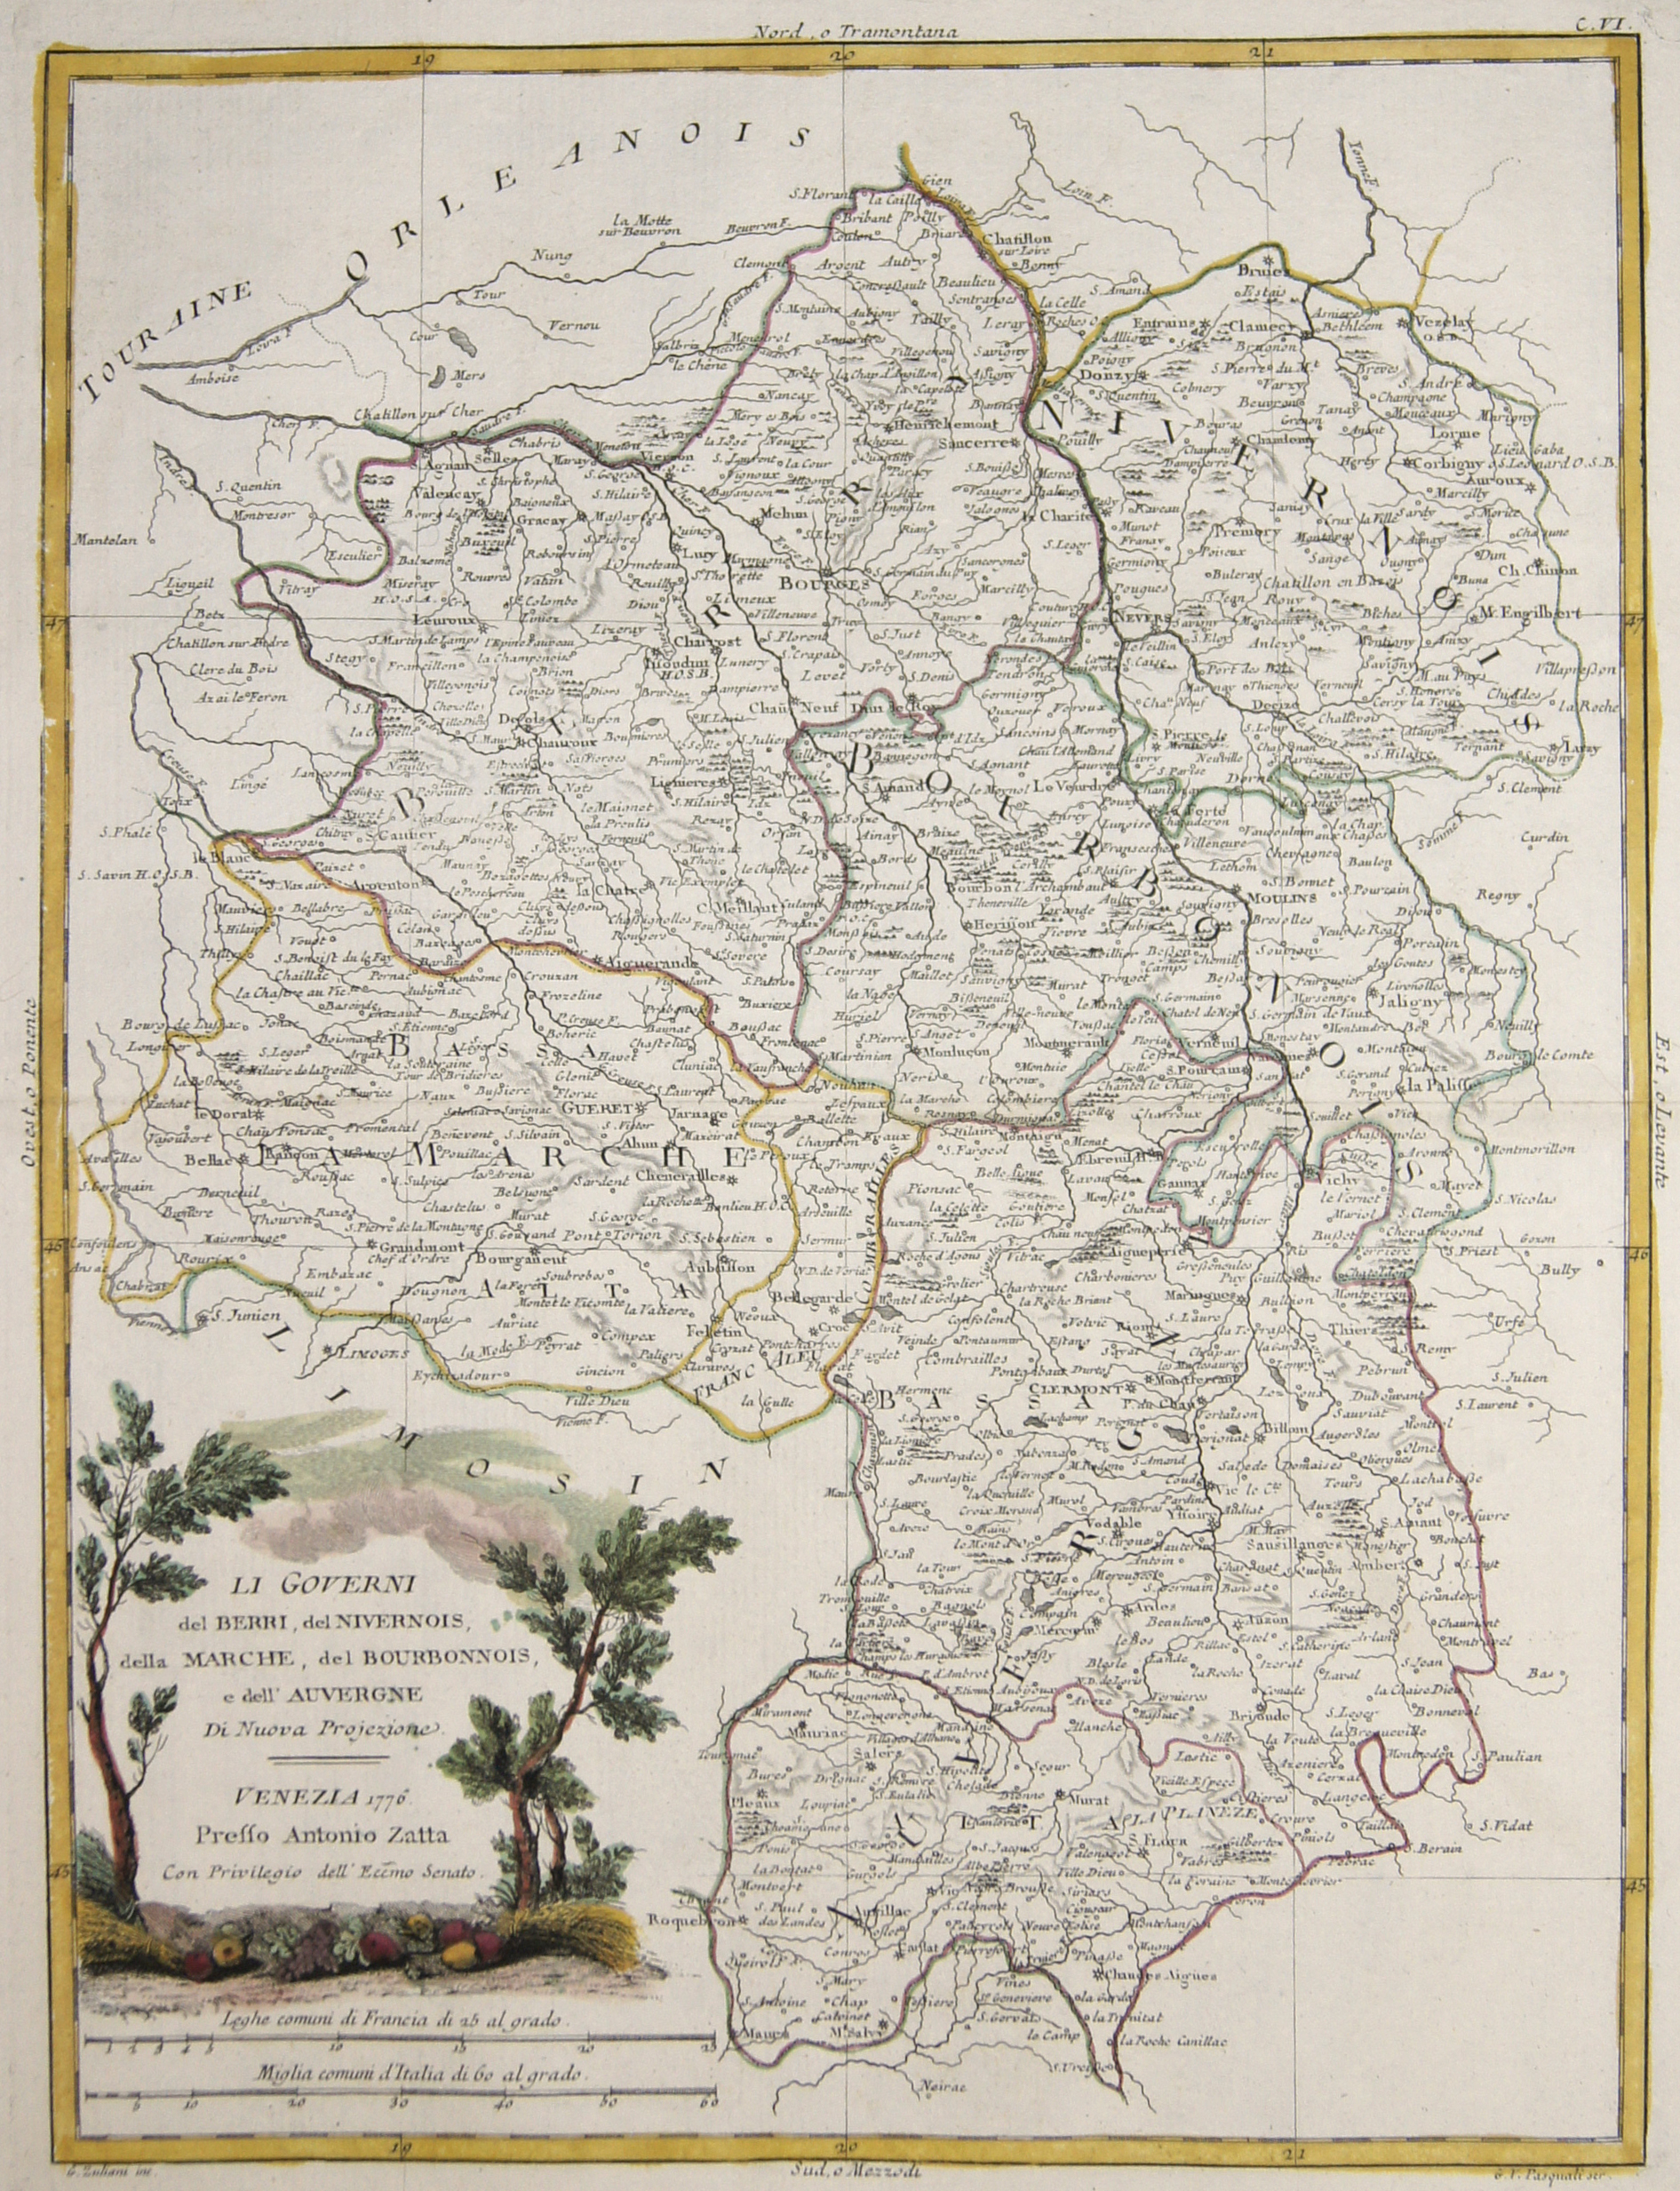 Zatta  Li Governi del Berri, del Nivernois, della Marche, del Bourbonnois, e dell' Auvergne